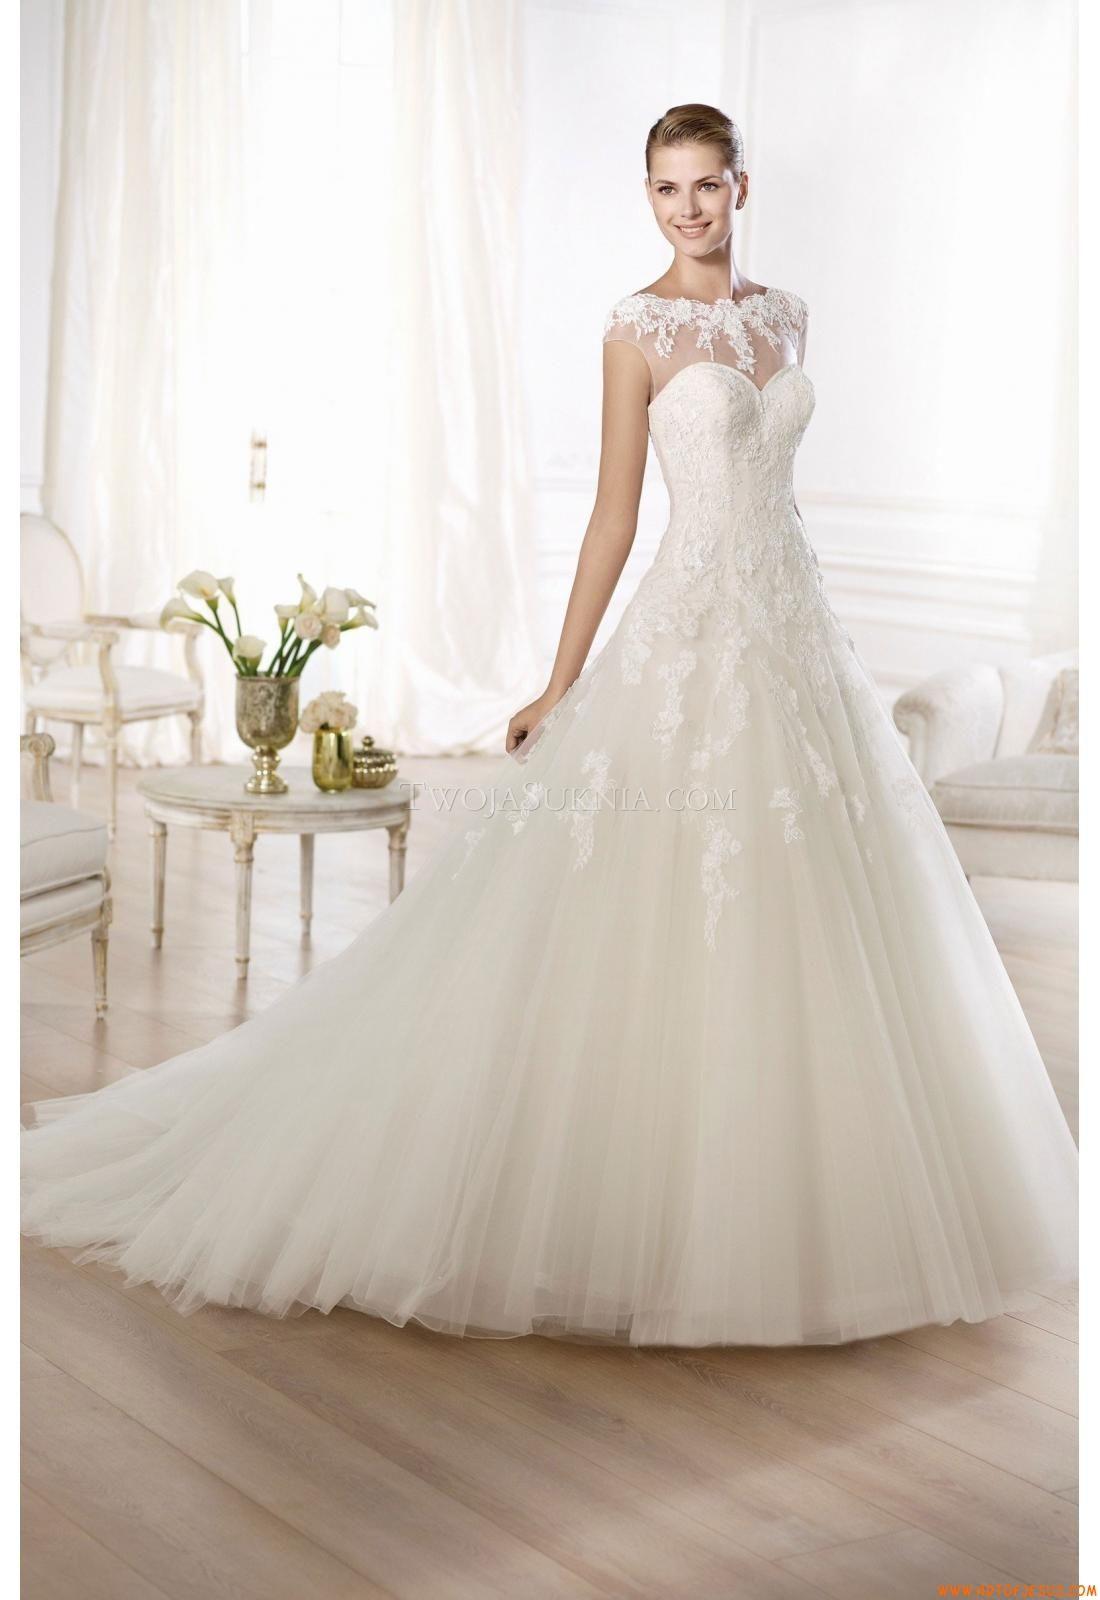 Brautkleider Pronovias Ofil 2014 | Hochzeitskleider | Pinterest ...